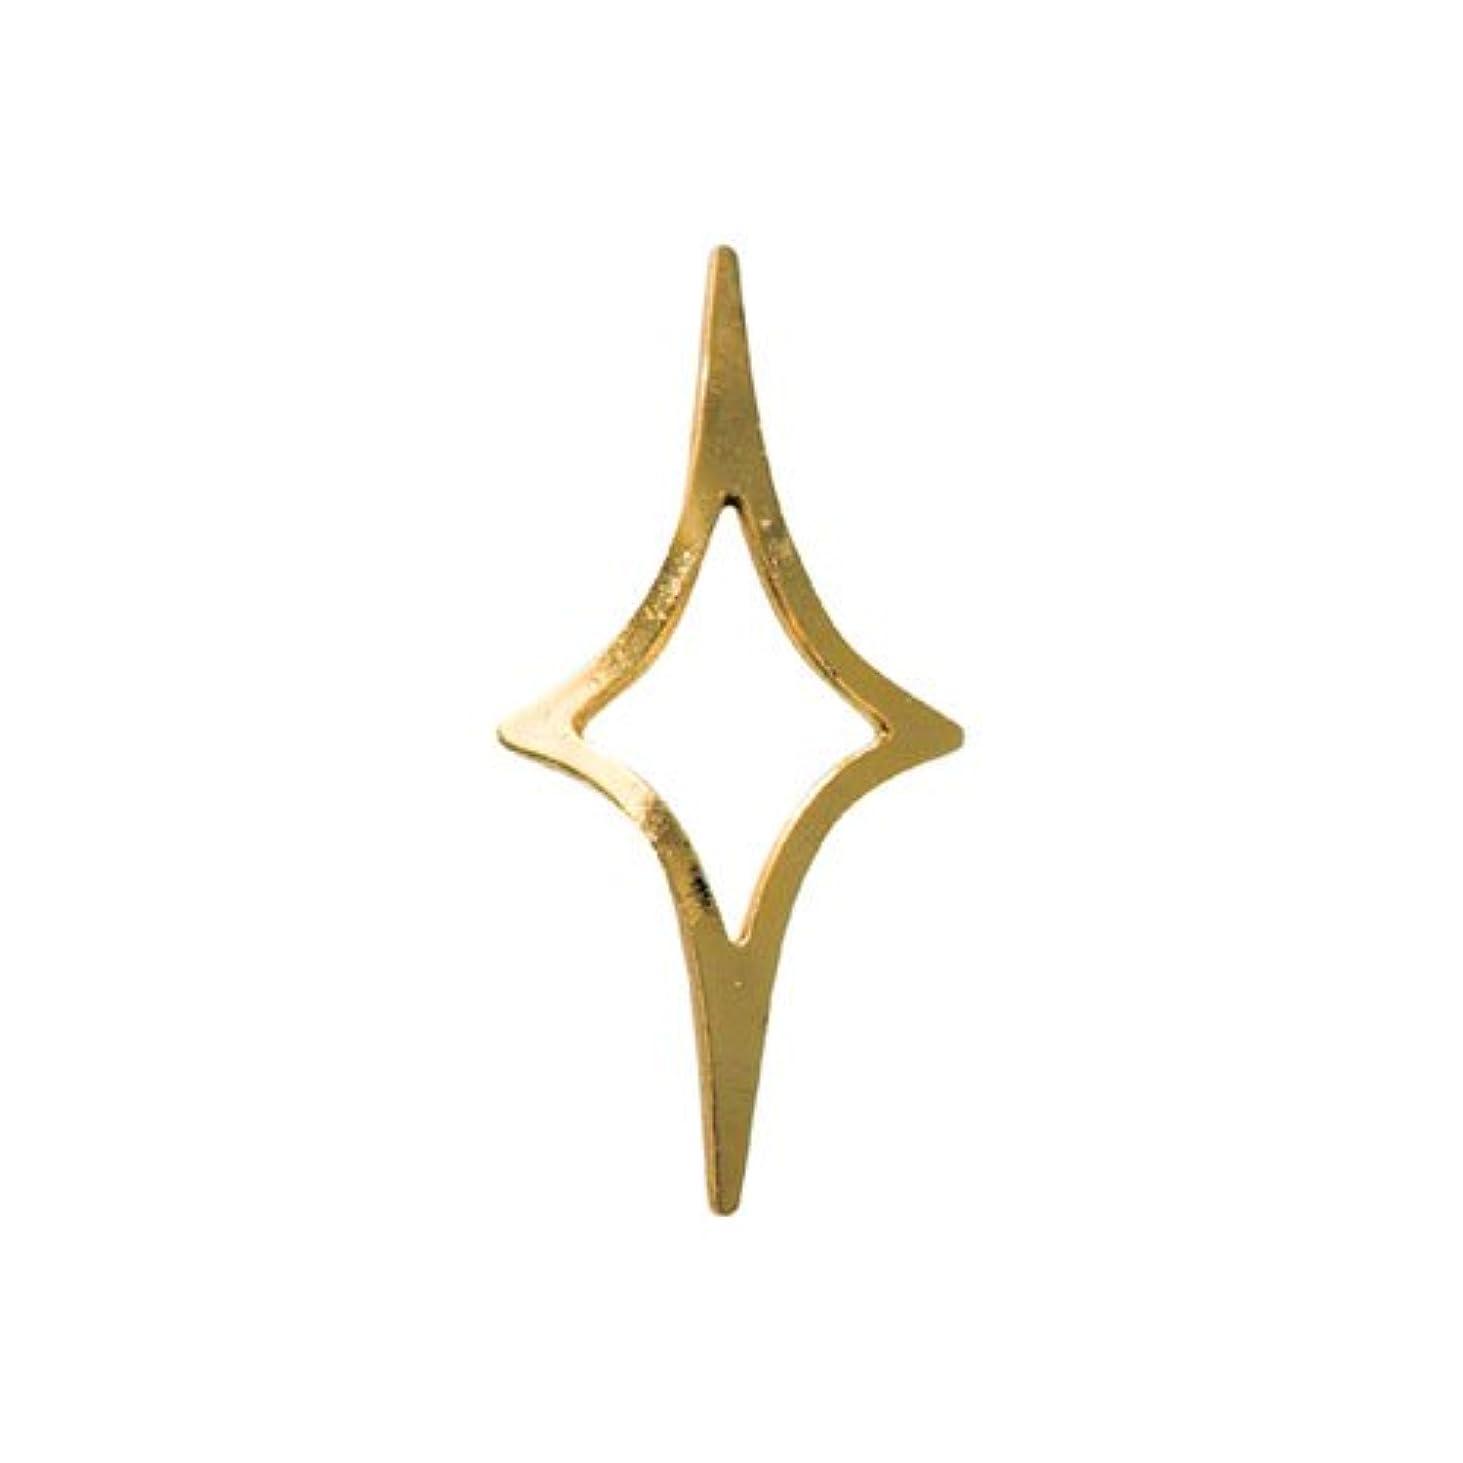 北東妨げる抽出リトルプリティー ネイルアートパーツ キラキラ2 3S ゴールド 20個